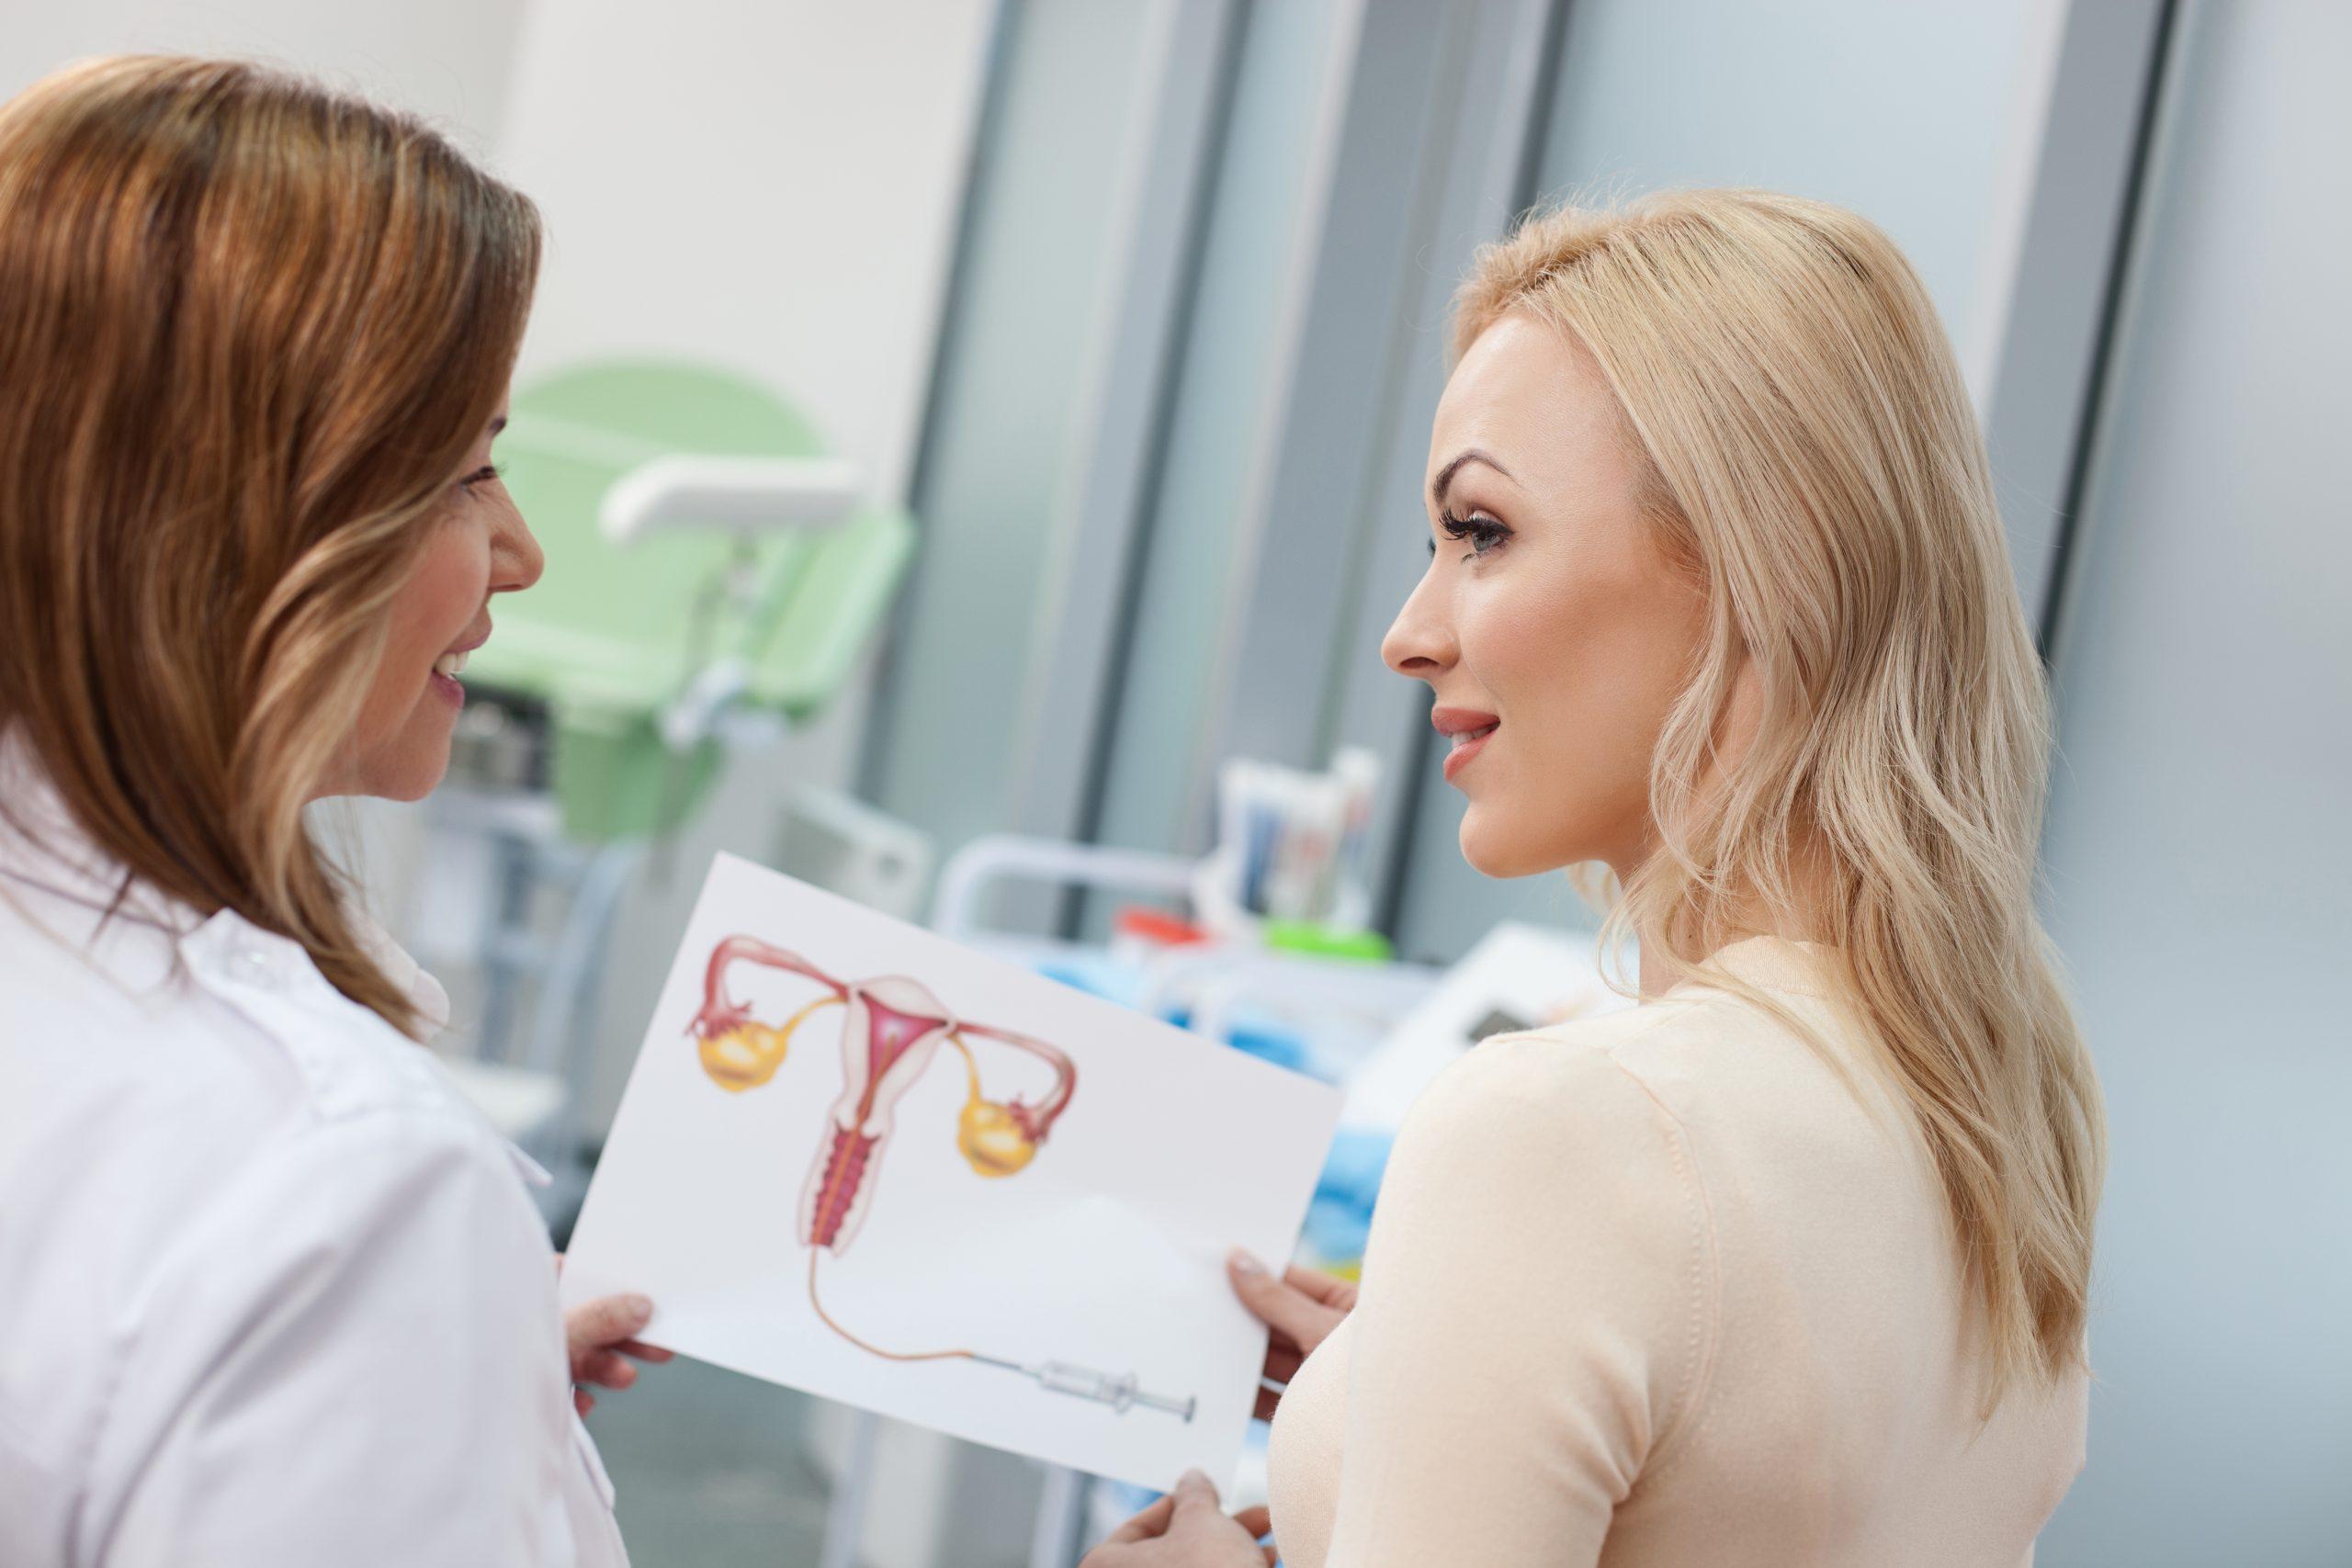 Konsultacja z lekarzem atroficzne zapalenie pochwy